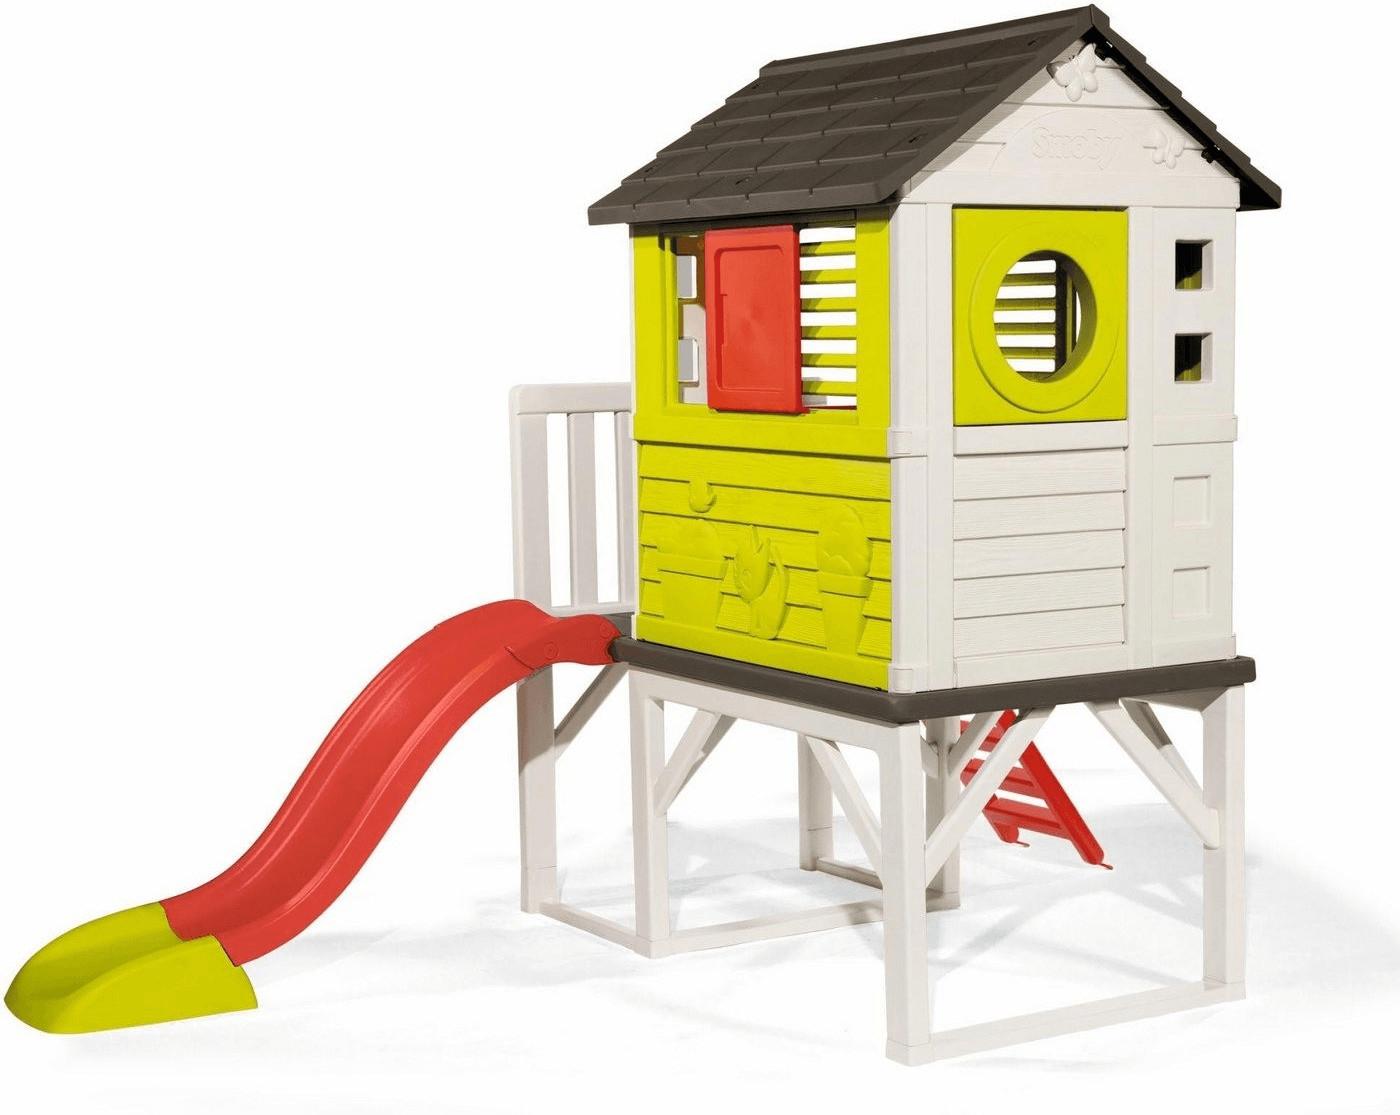 Jeu Plein Air Smoby Maison Pilotis Avec Toboggan 810800 Jeux ... pour Maison Jardin Smoby